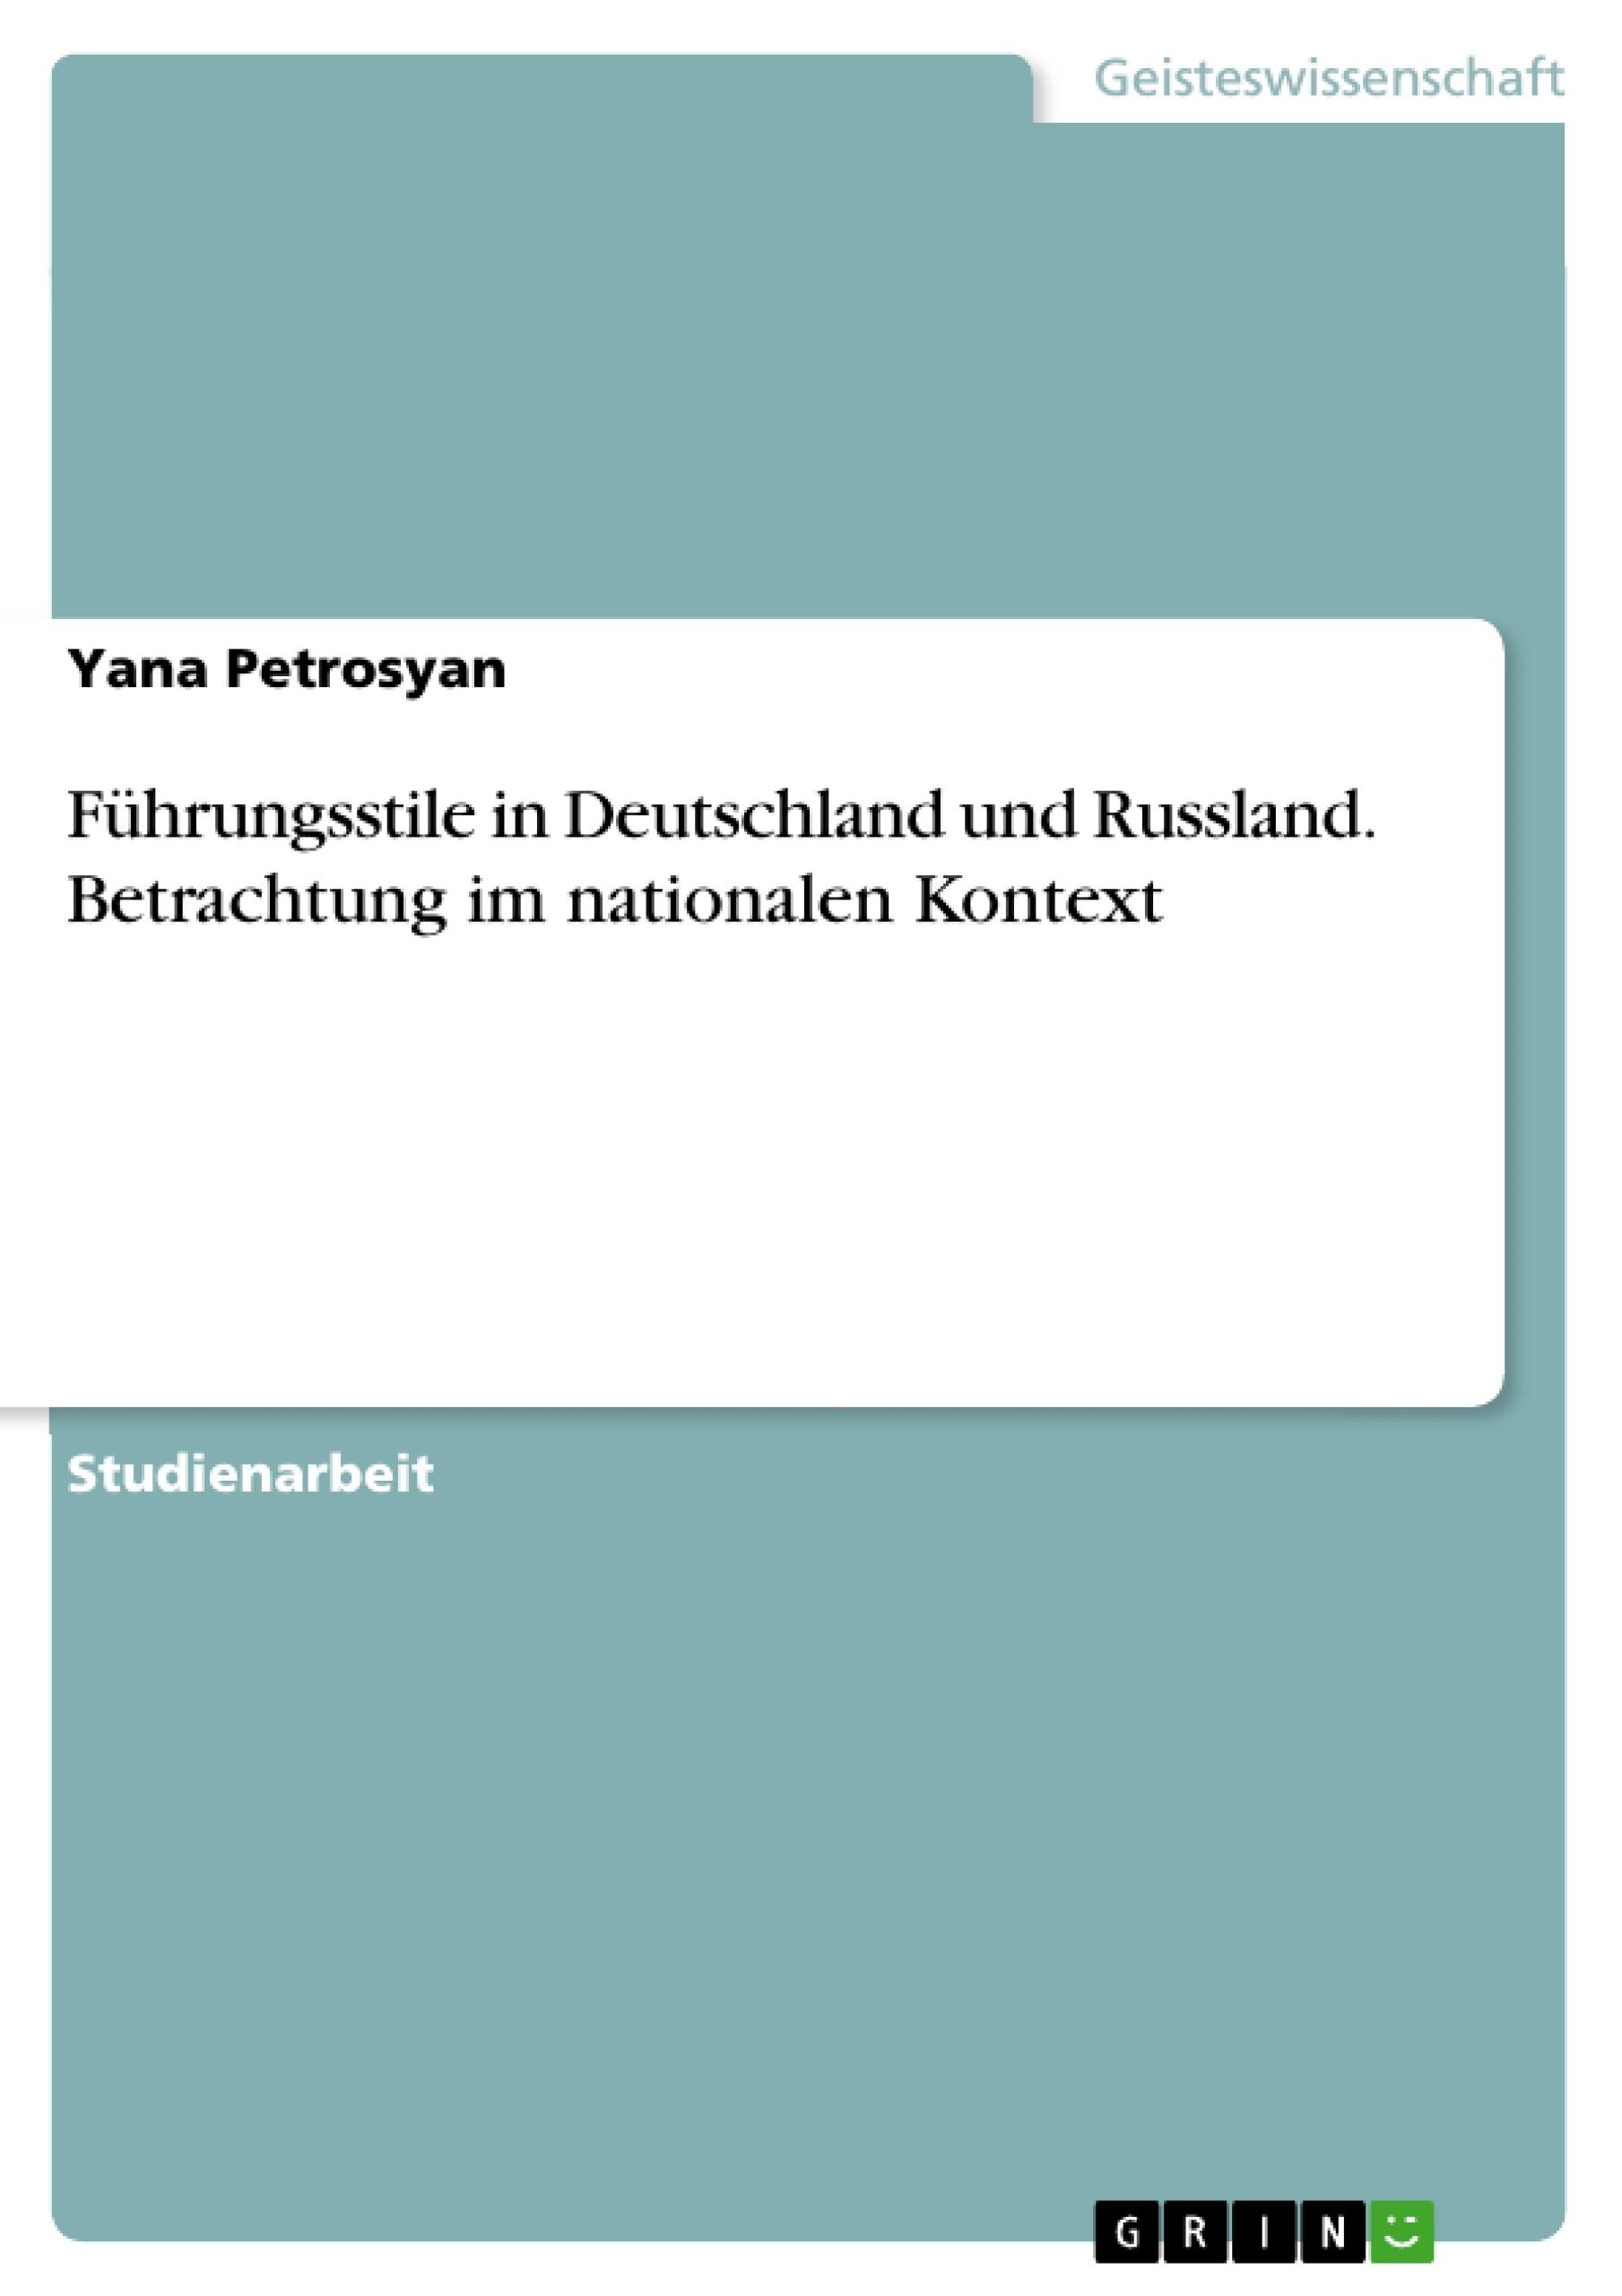 Titel: Führungsstile in Deutschland und Russland. Betrachtung im nationalen Kontext